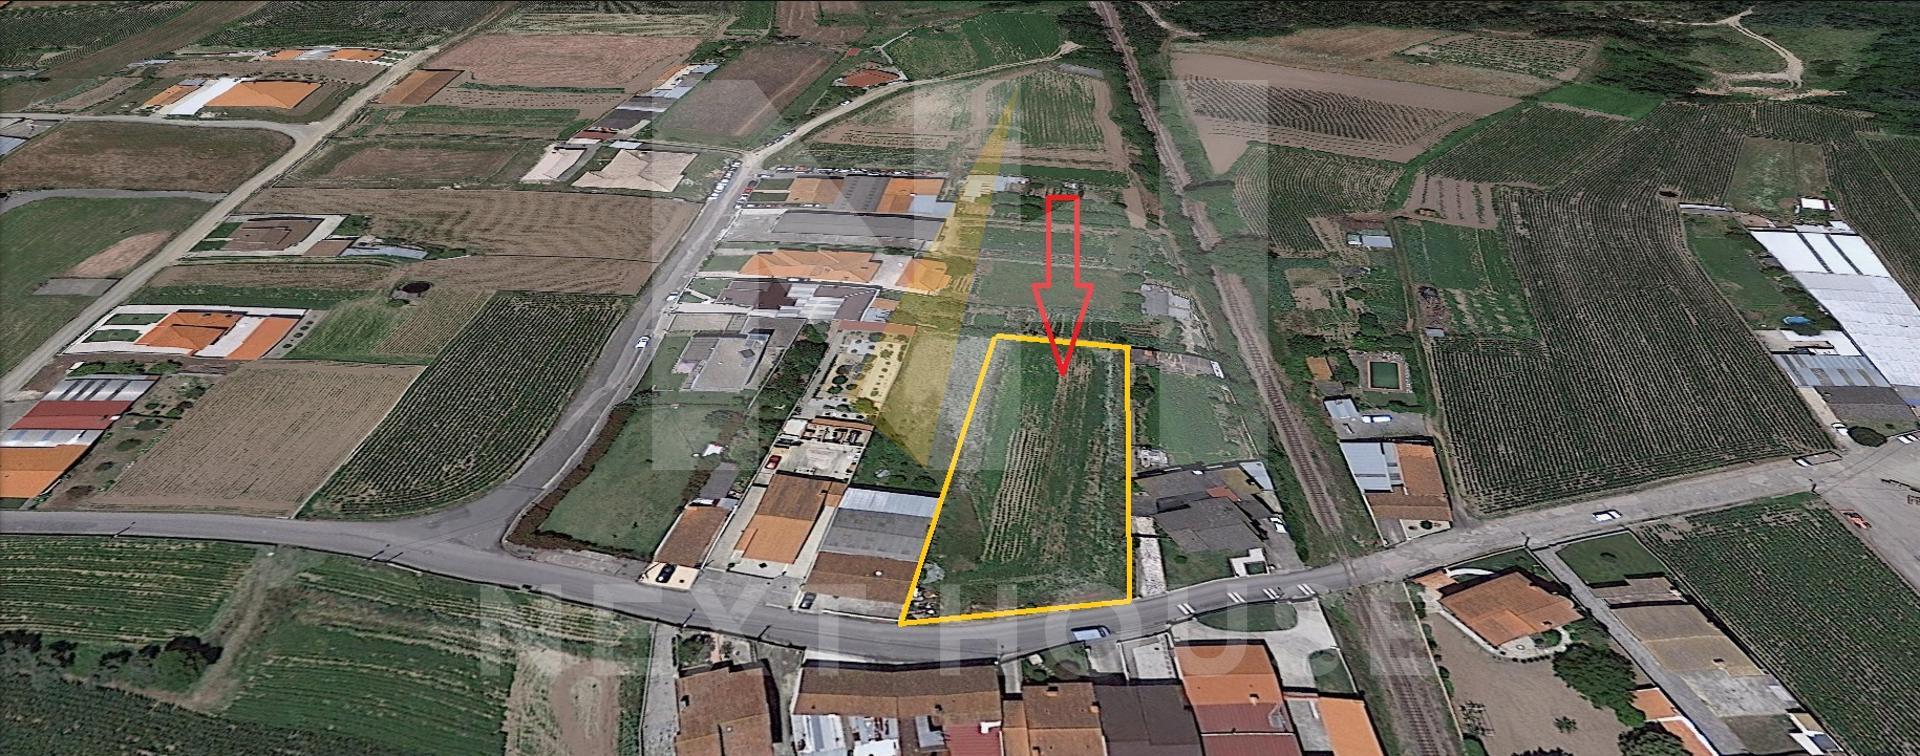 Terreno p Moradia 10min de Aveiro   - Aveiro, Eixo E Eirol